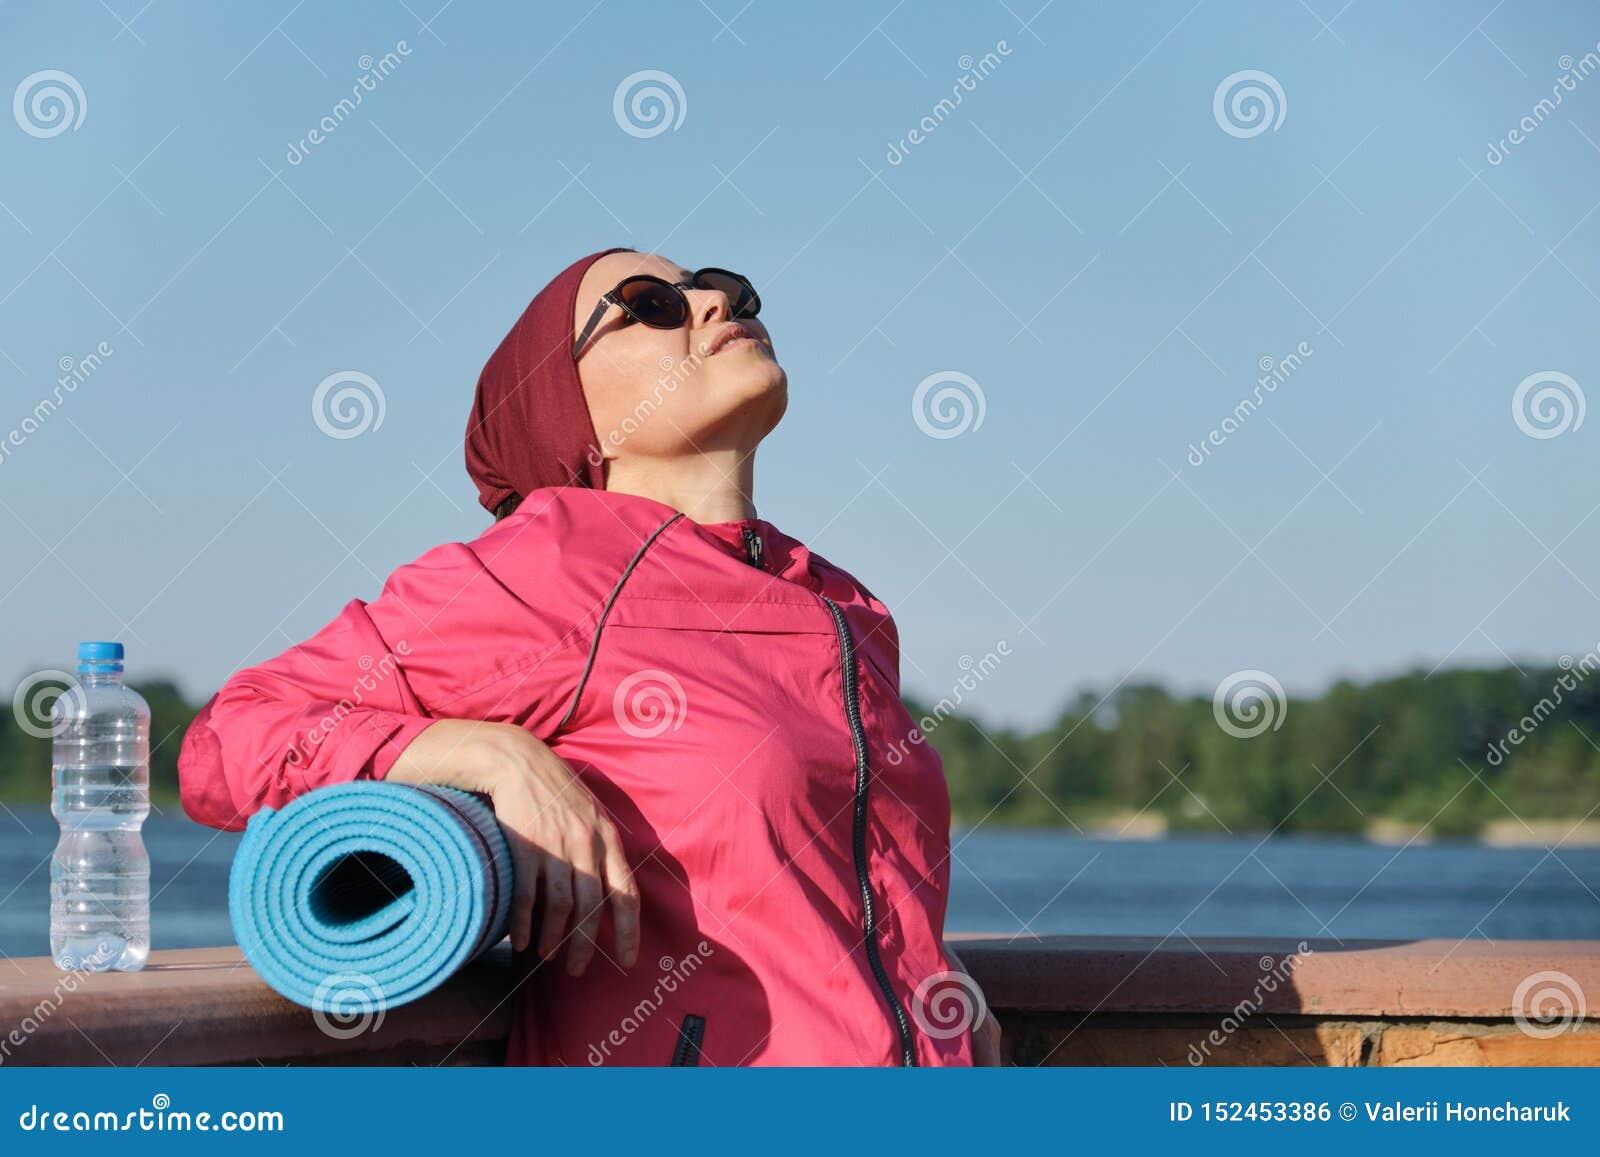 Gezonde levensstijl van rijpe vrouw, openluchtportret van een leeftijdswijfje in sportkleding met yogamat en fles water